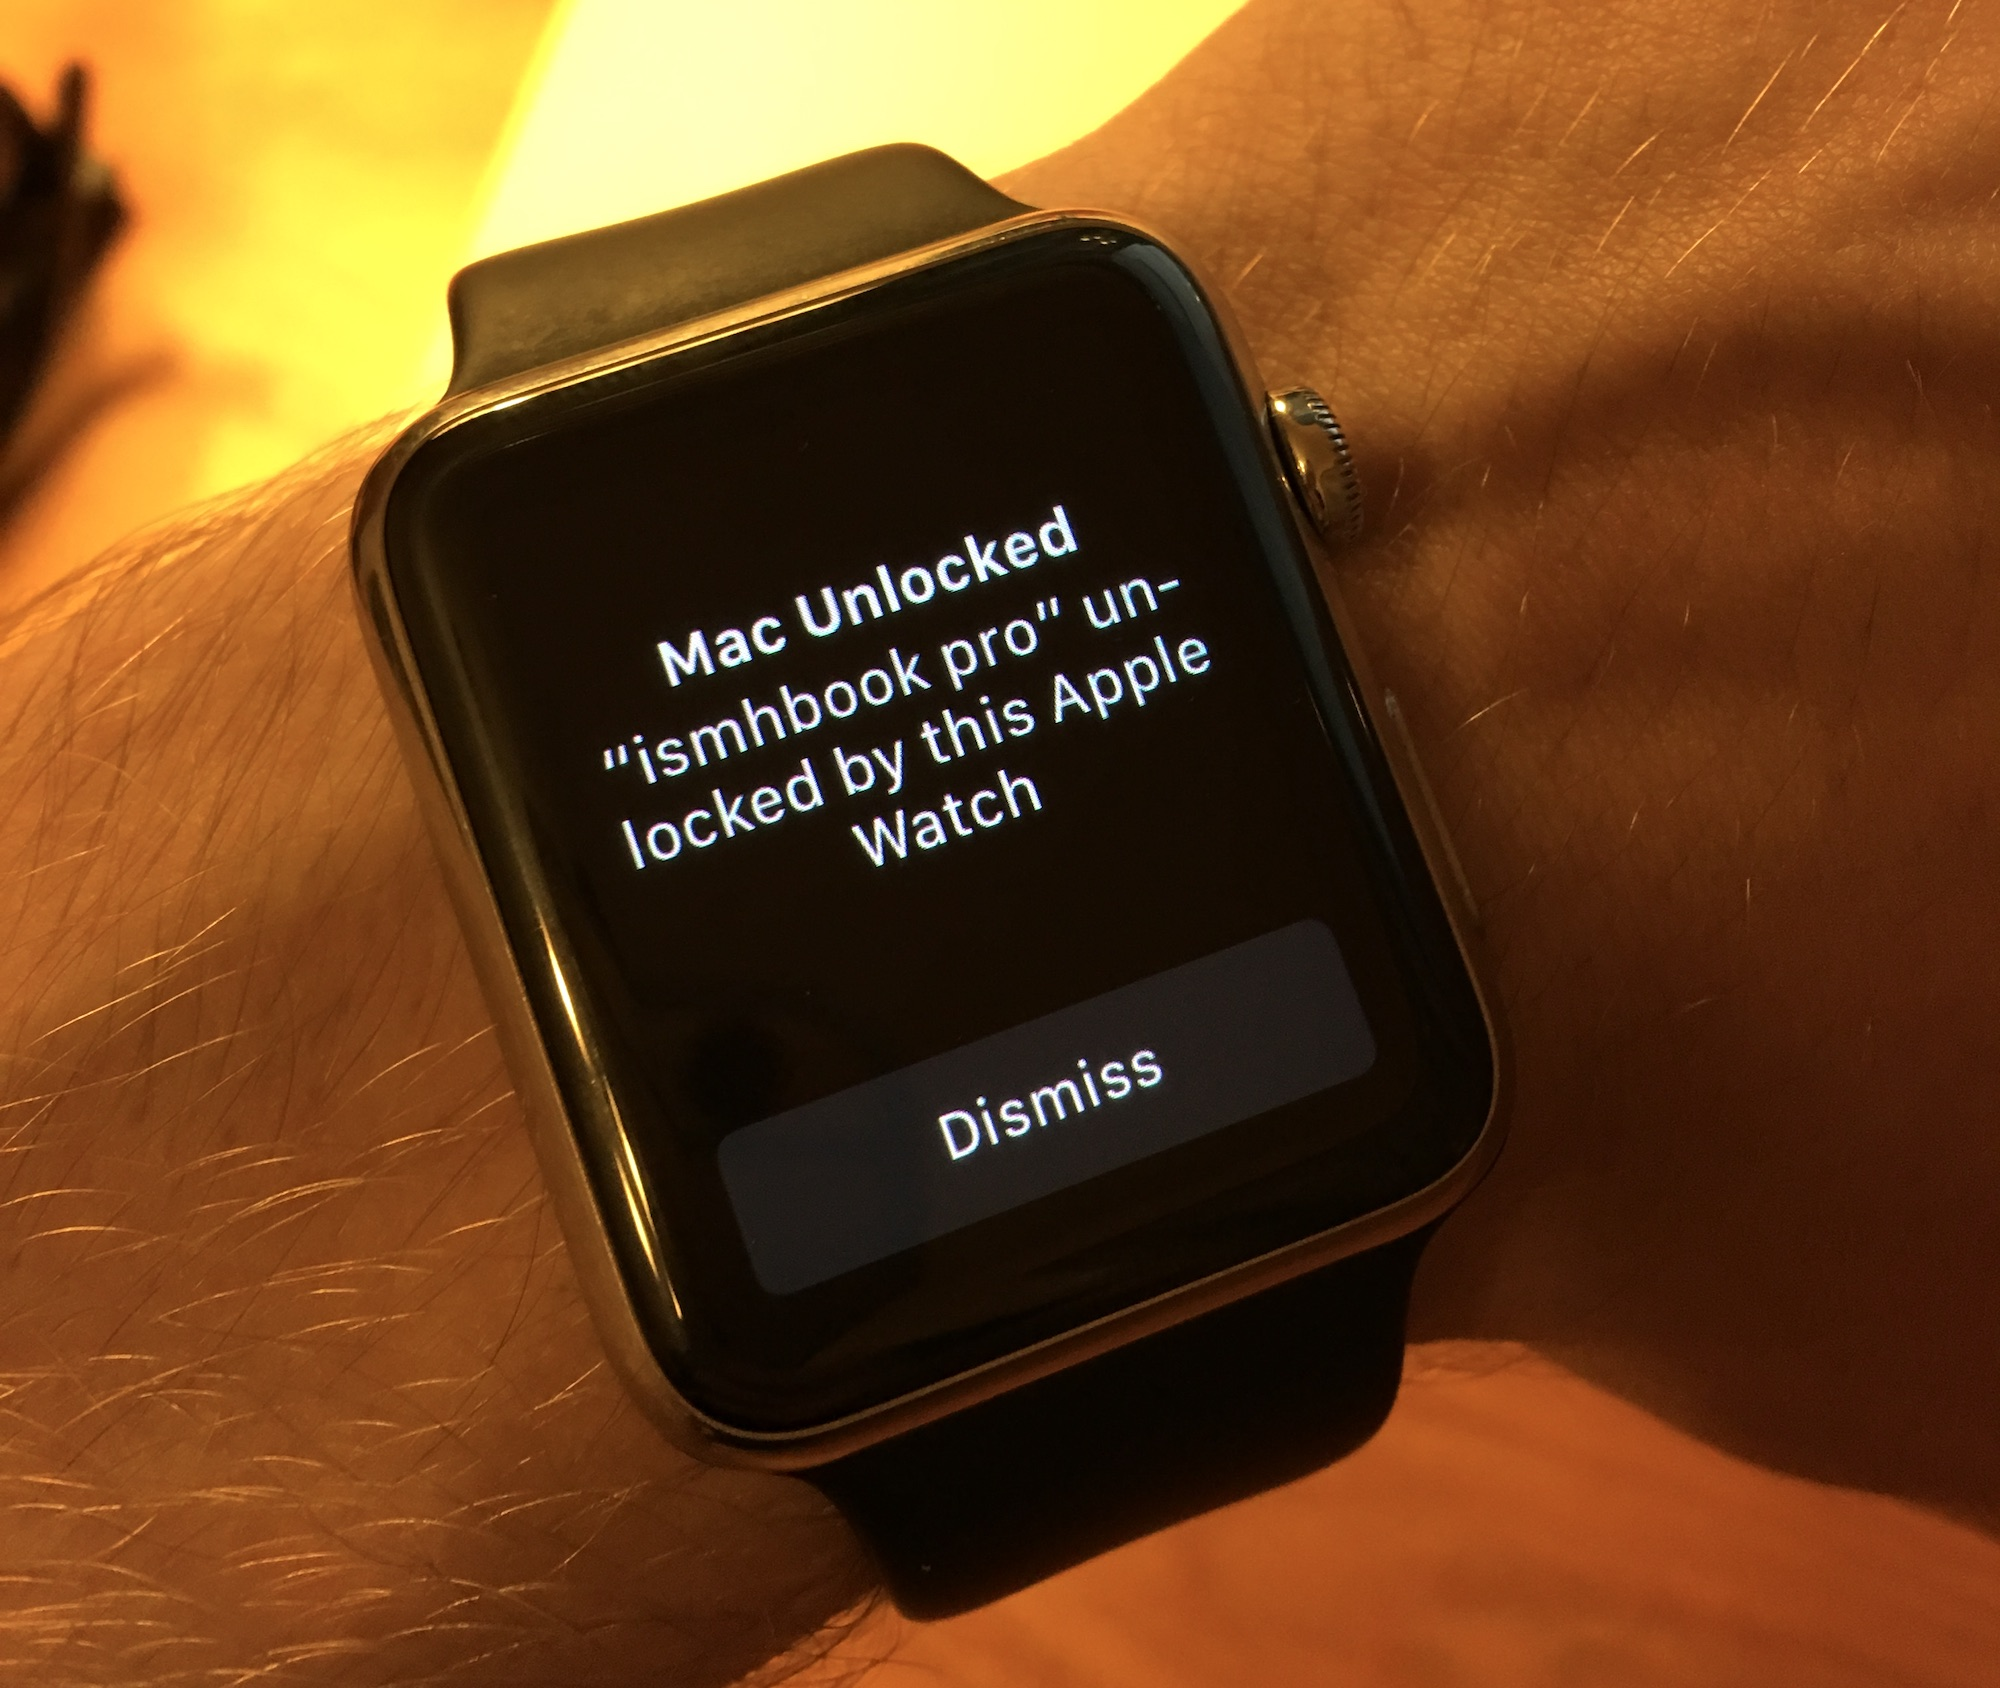 Apple Watch after unlock